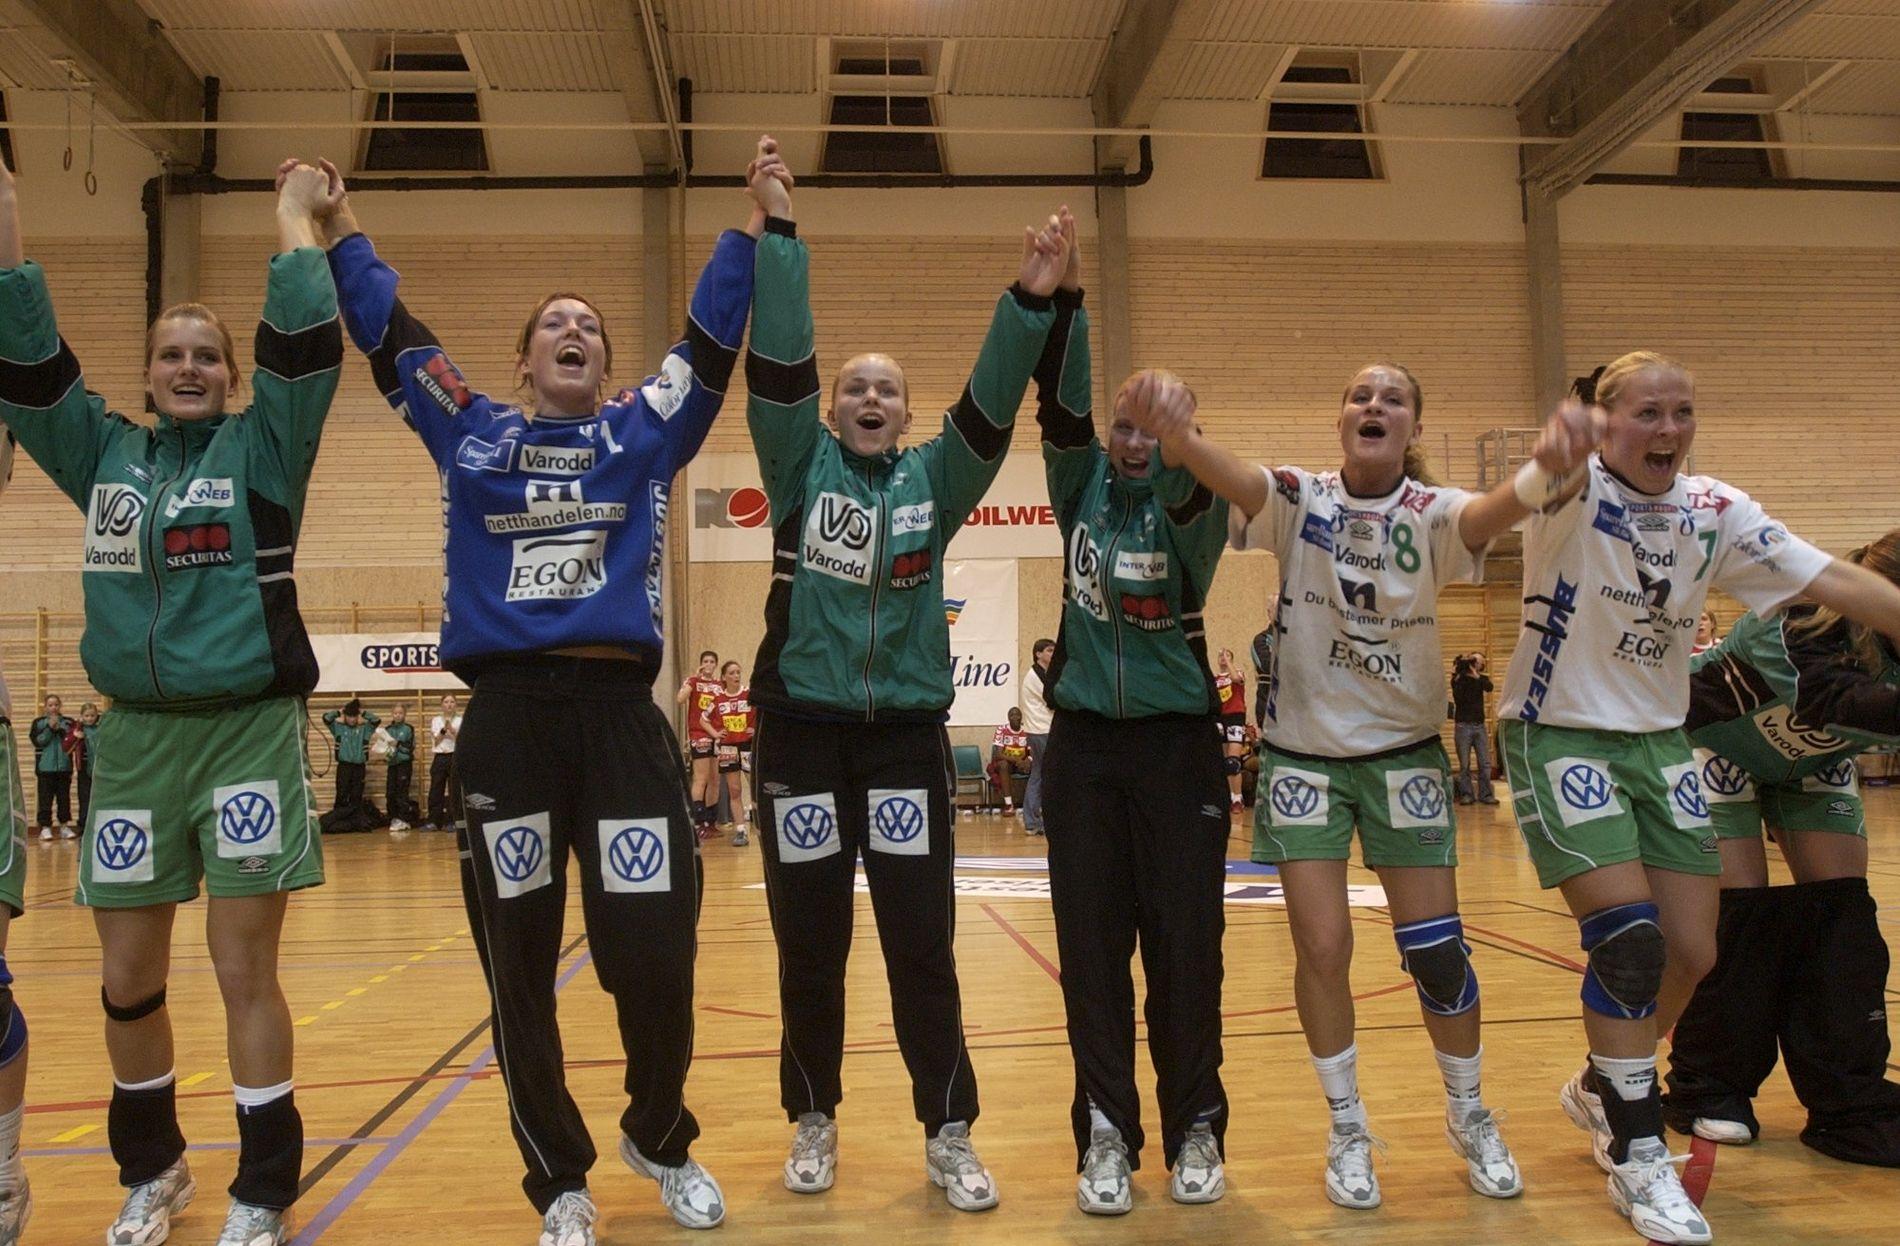 Våg Vipers debuterte i EHF-cupen i 2003/04. Jentene jubler etter å ha beseiret det franske storlaget Besancon 31–26 i Karusshallen. Kristiansanderne gikk videre til kvartfinalen med 61–58 sammenlagt.